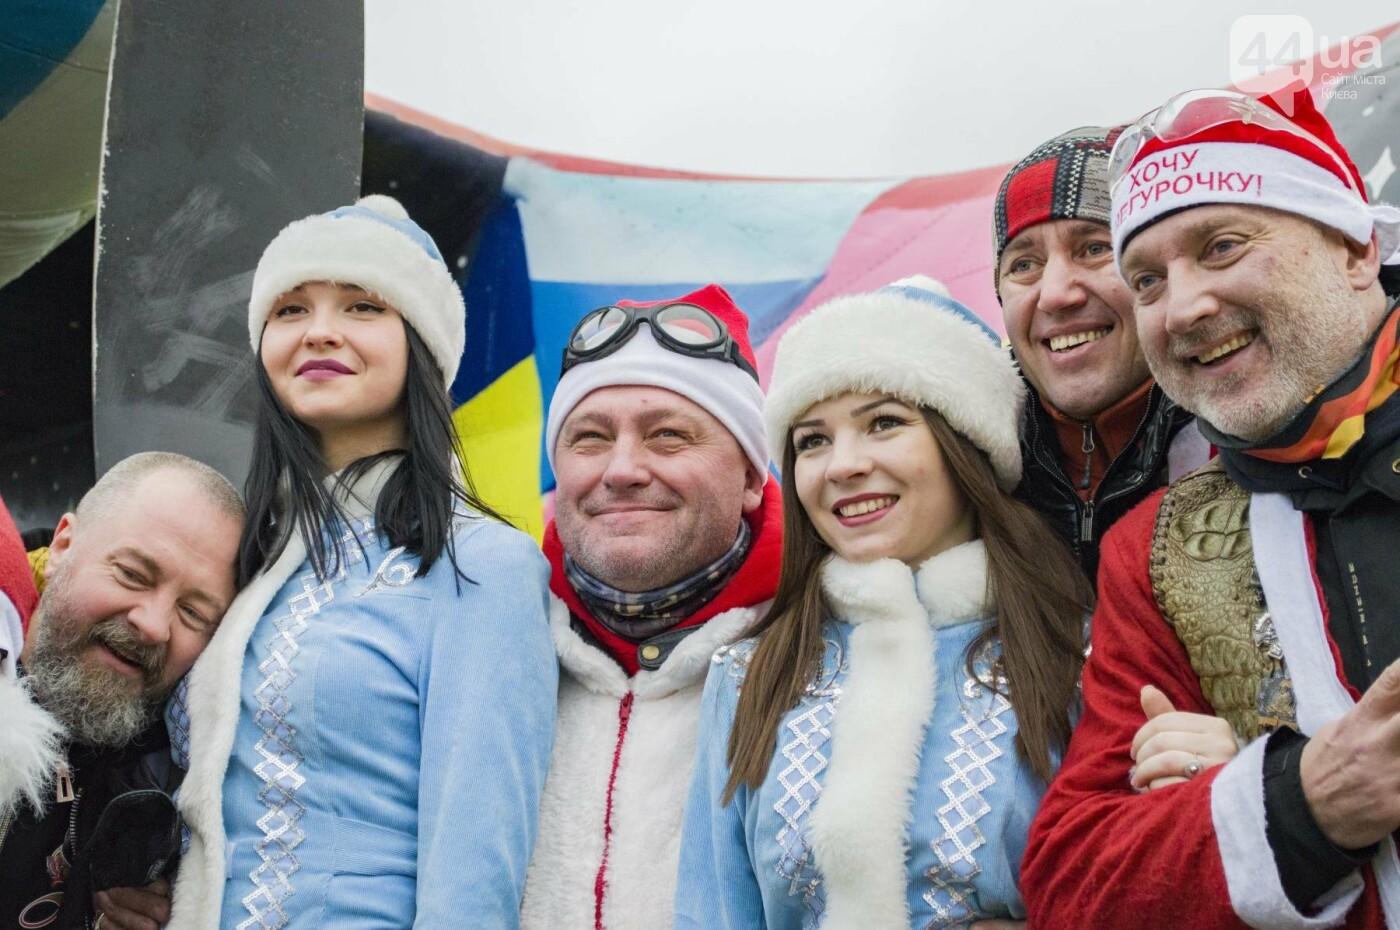 В Киеве брутальные байкеры в костюмах Санта-Клаусов устроили масштабный мотопробег (ФОТО), фото-19